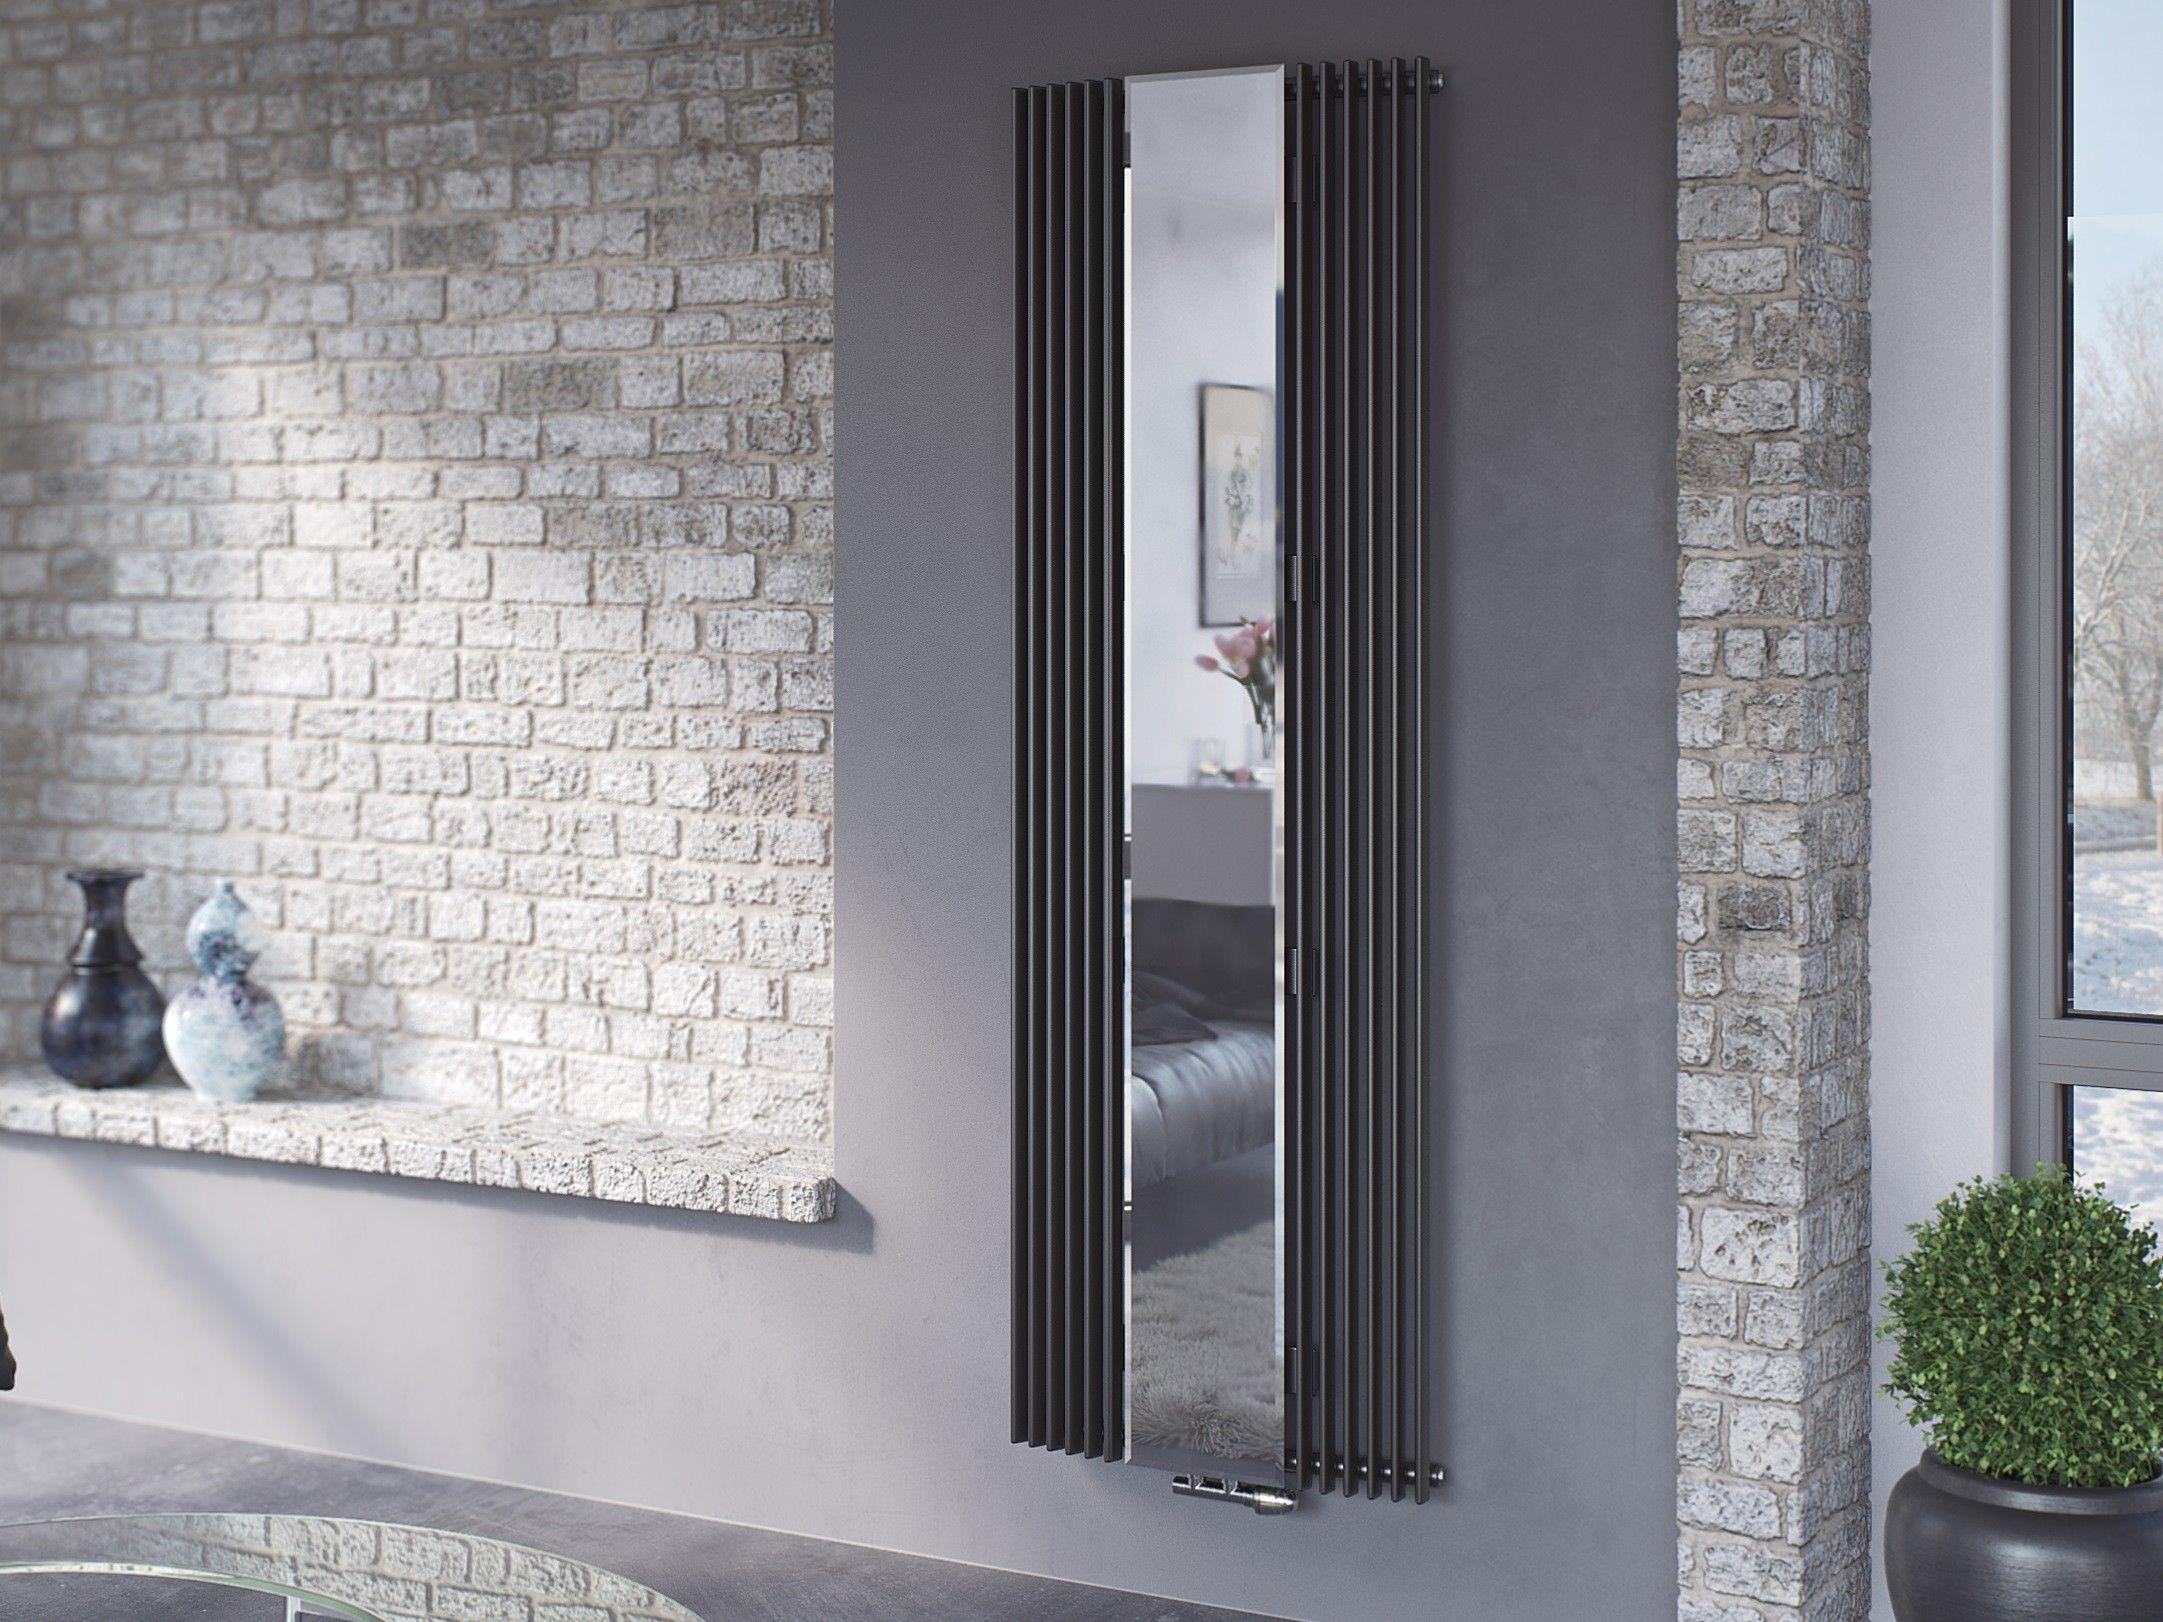 heizleistung heizk rper badezimmer hydraulischen. Black Bedroom Furniture Sets. Home Design Ideas